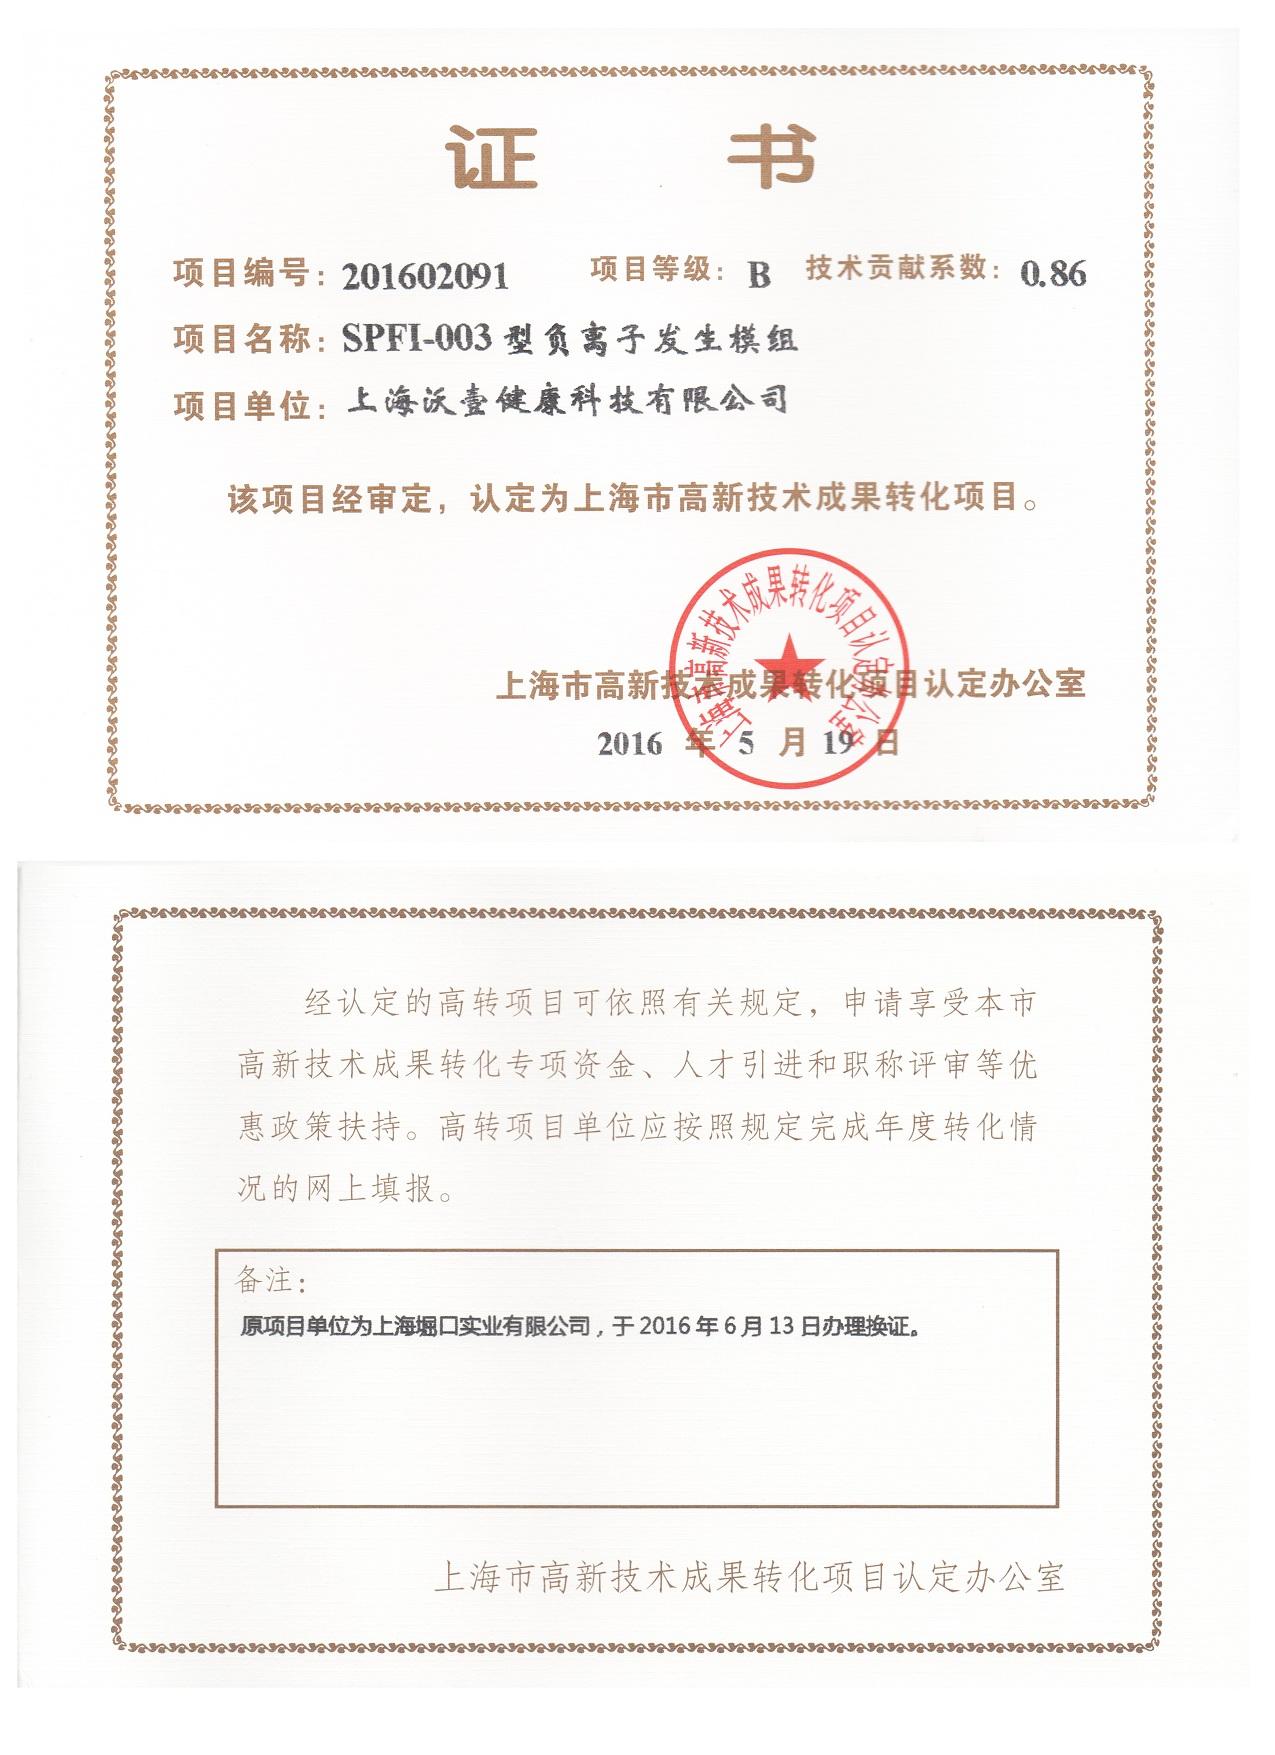 证书:上海市高新技术成果转化项目